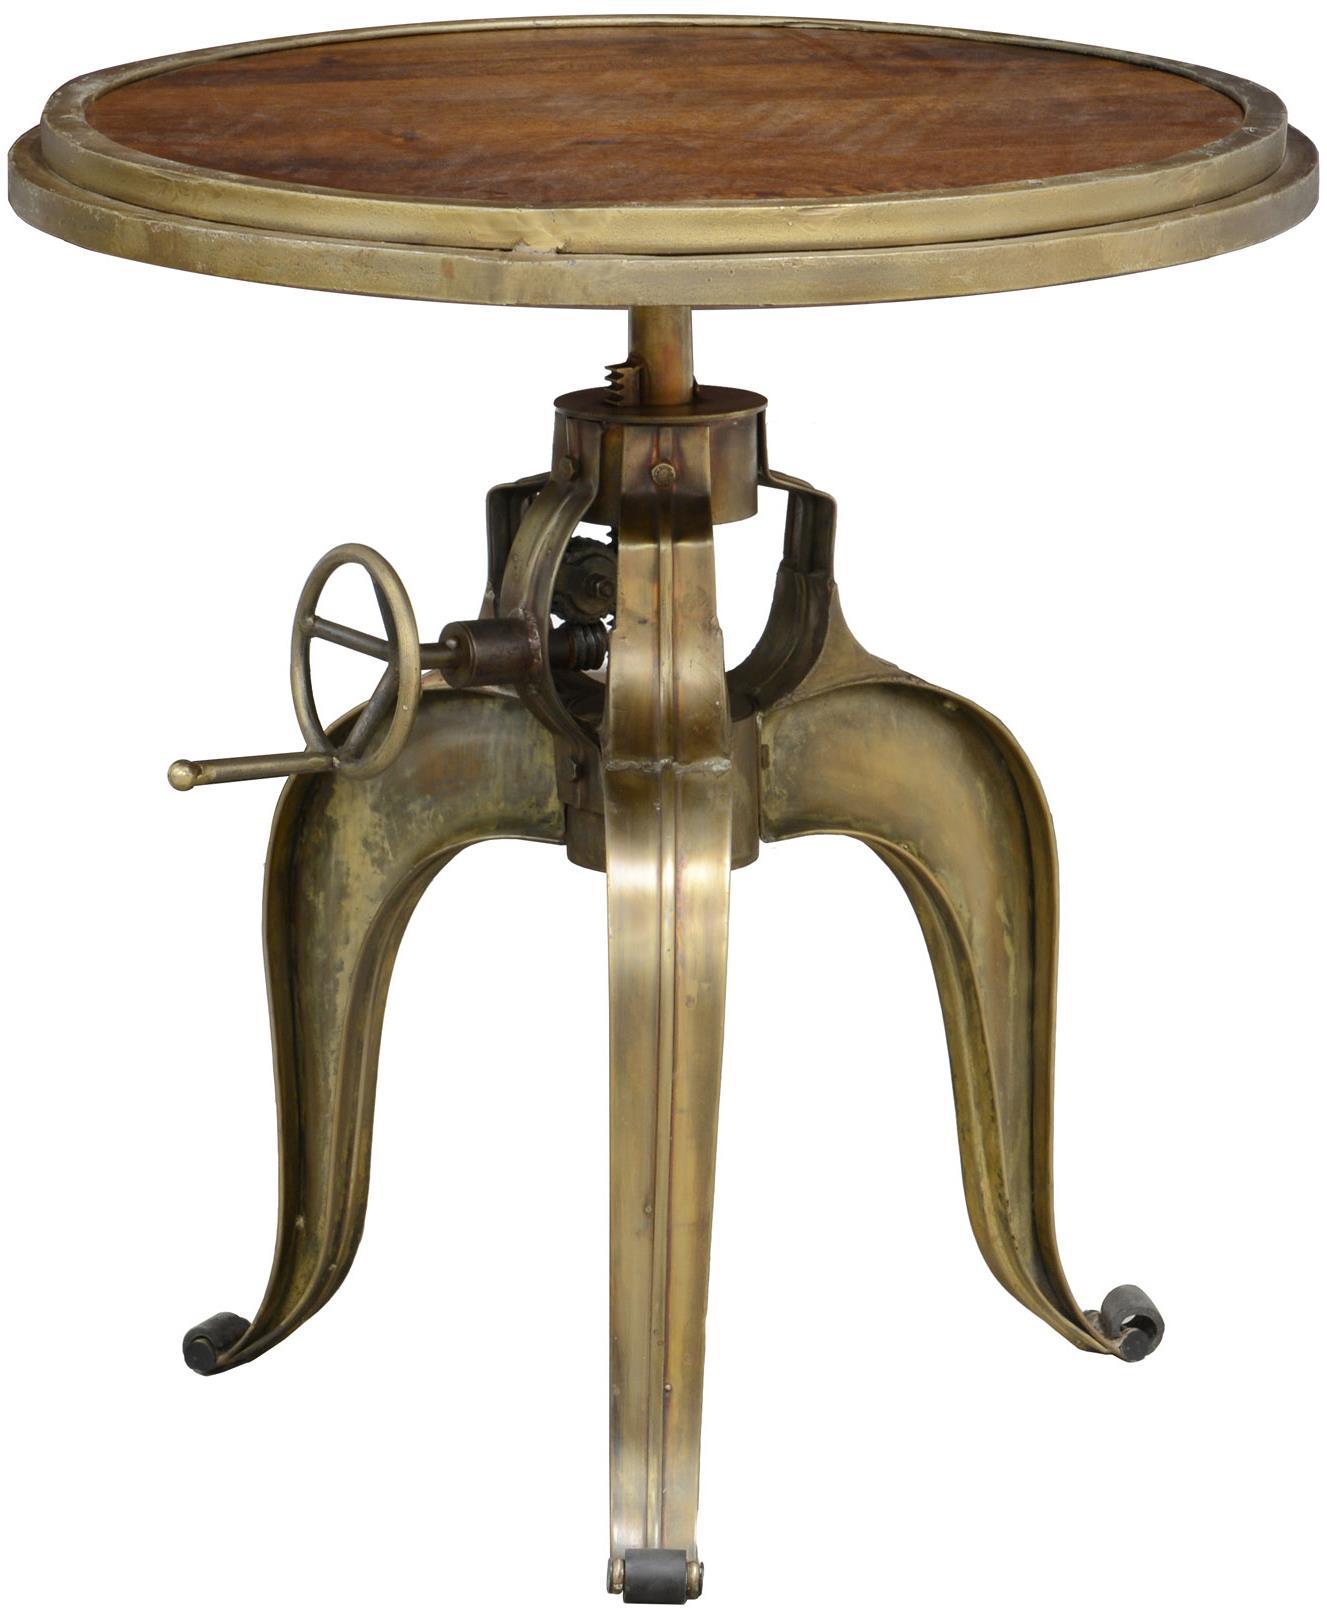 Classic Home Carvelle Medium Brown Crank Pub Table - Item Number: 51010400